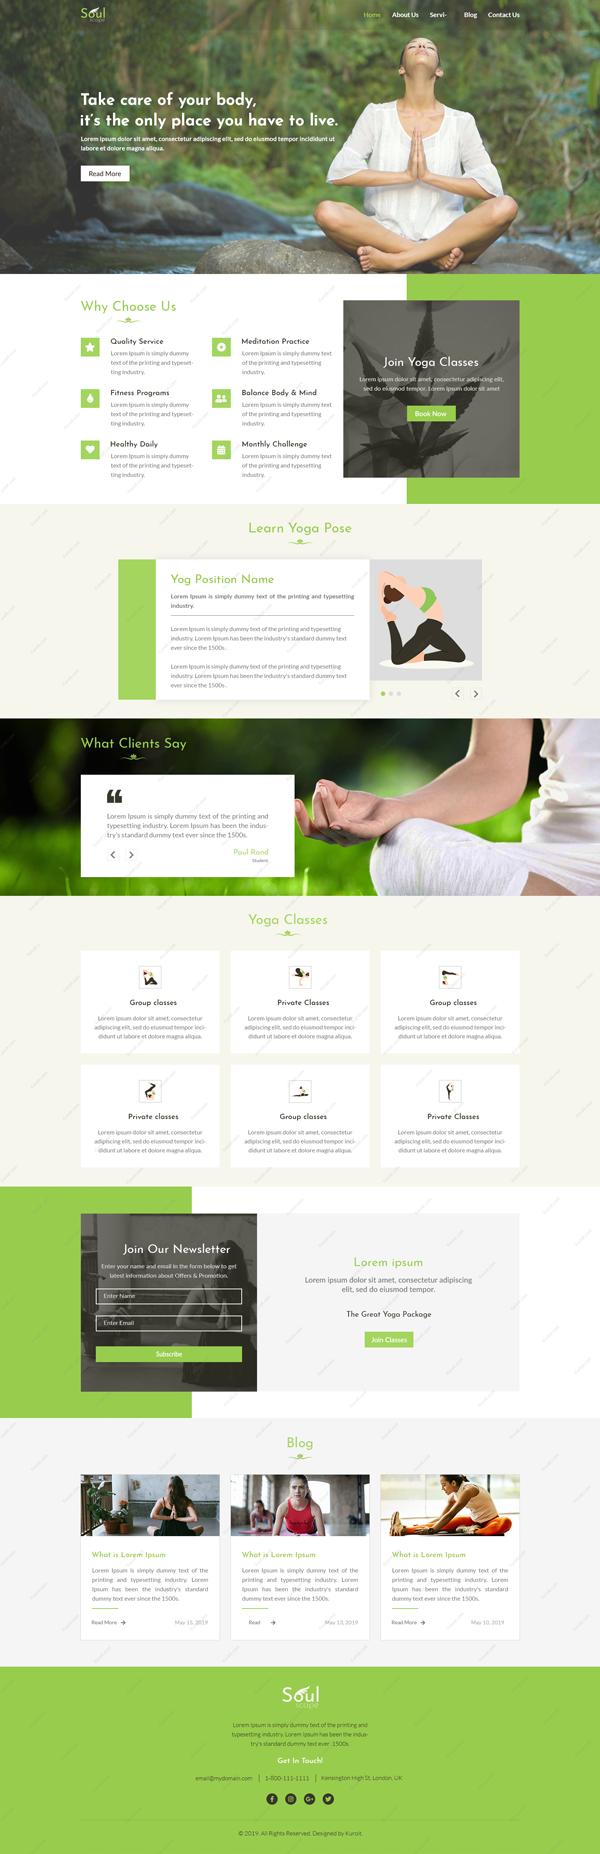 SoulScape-Website-Design